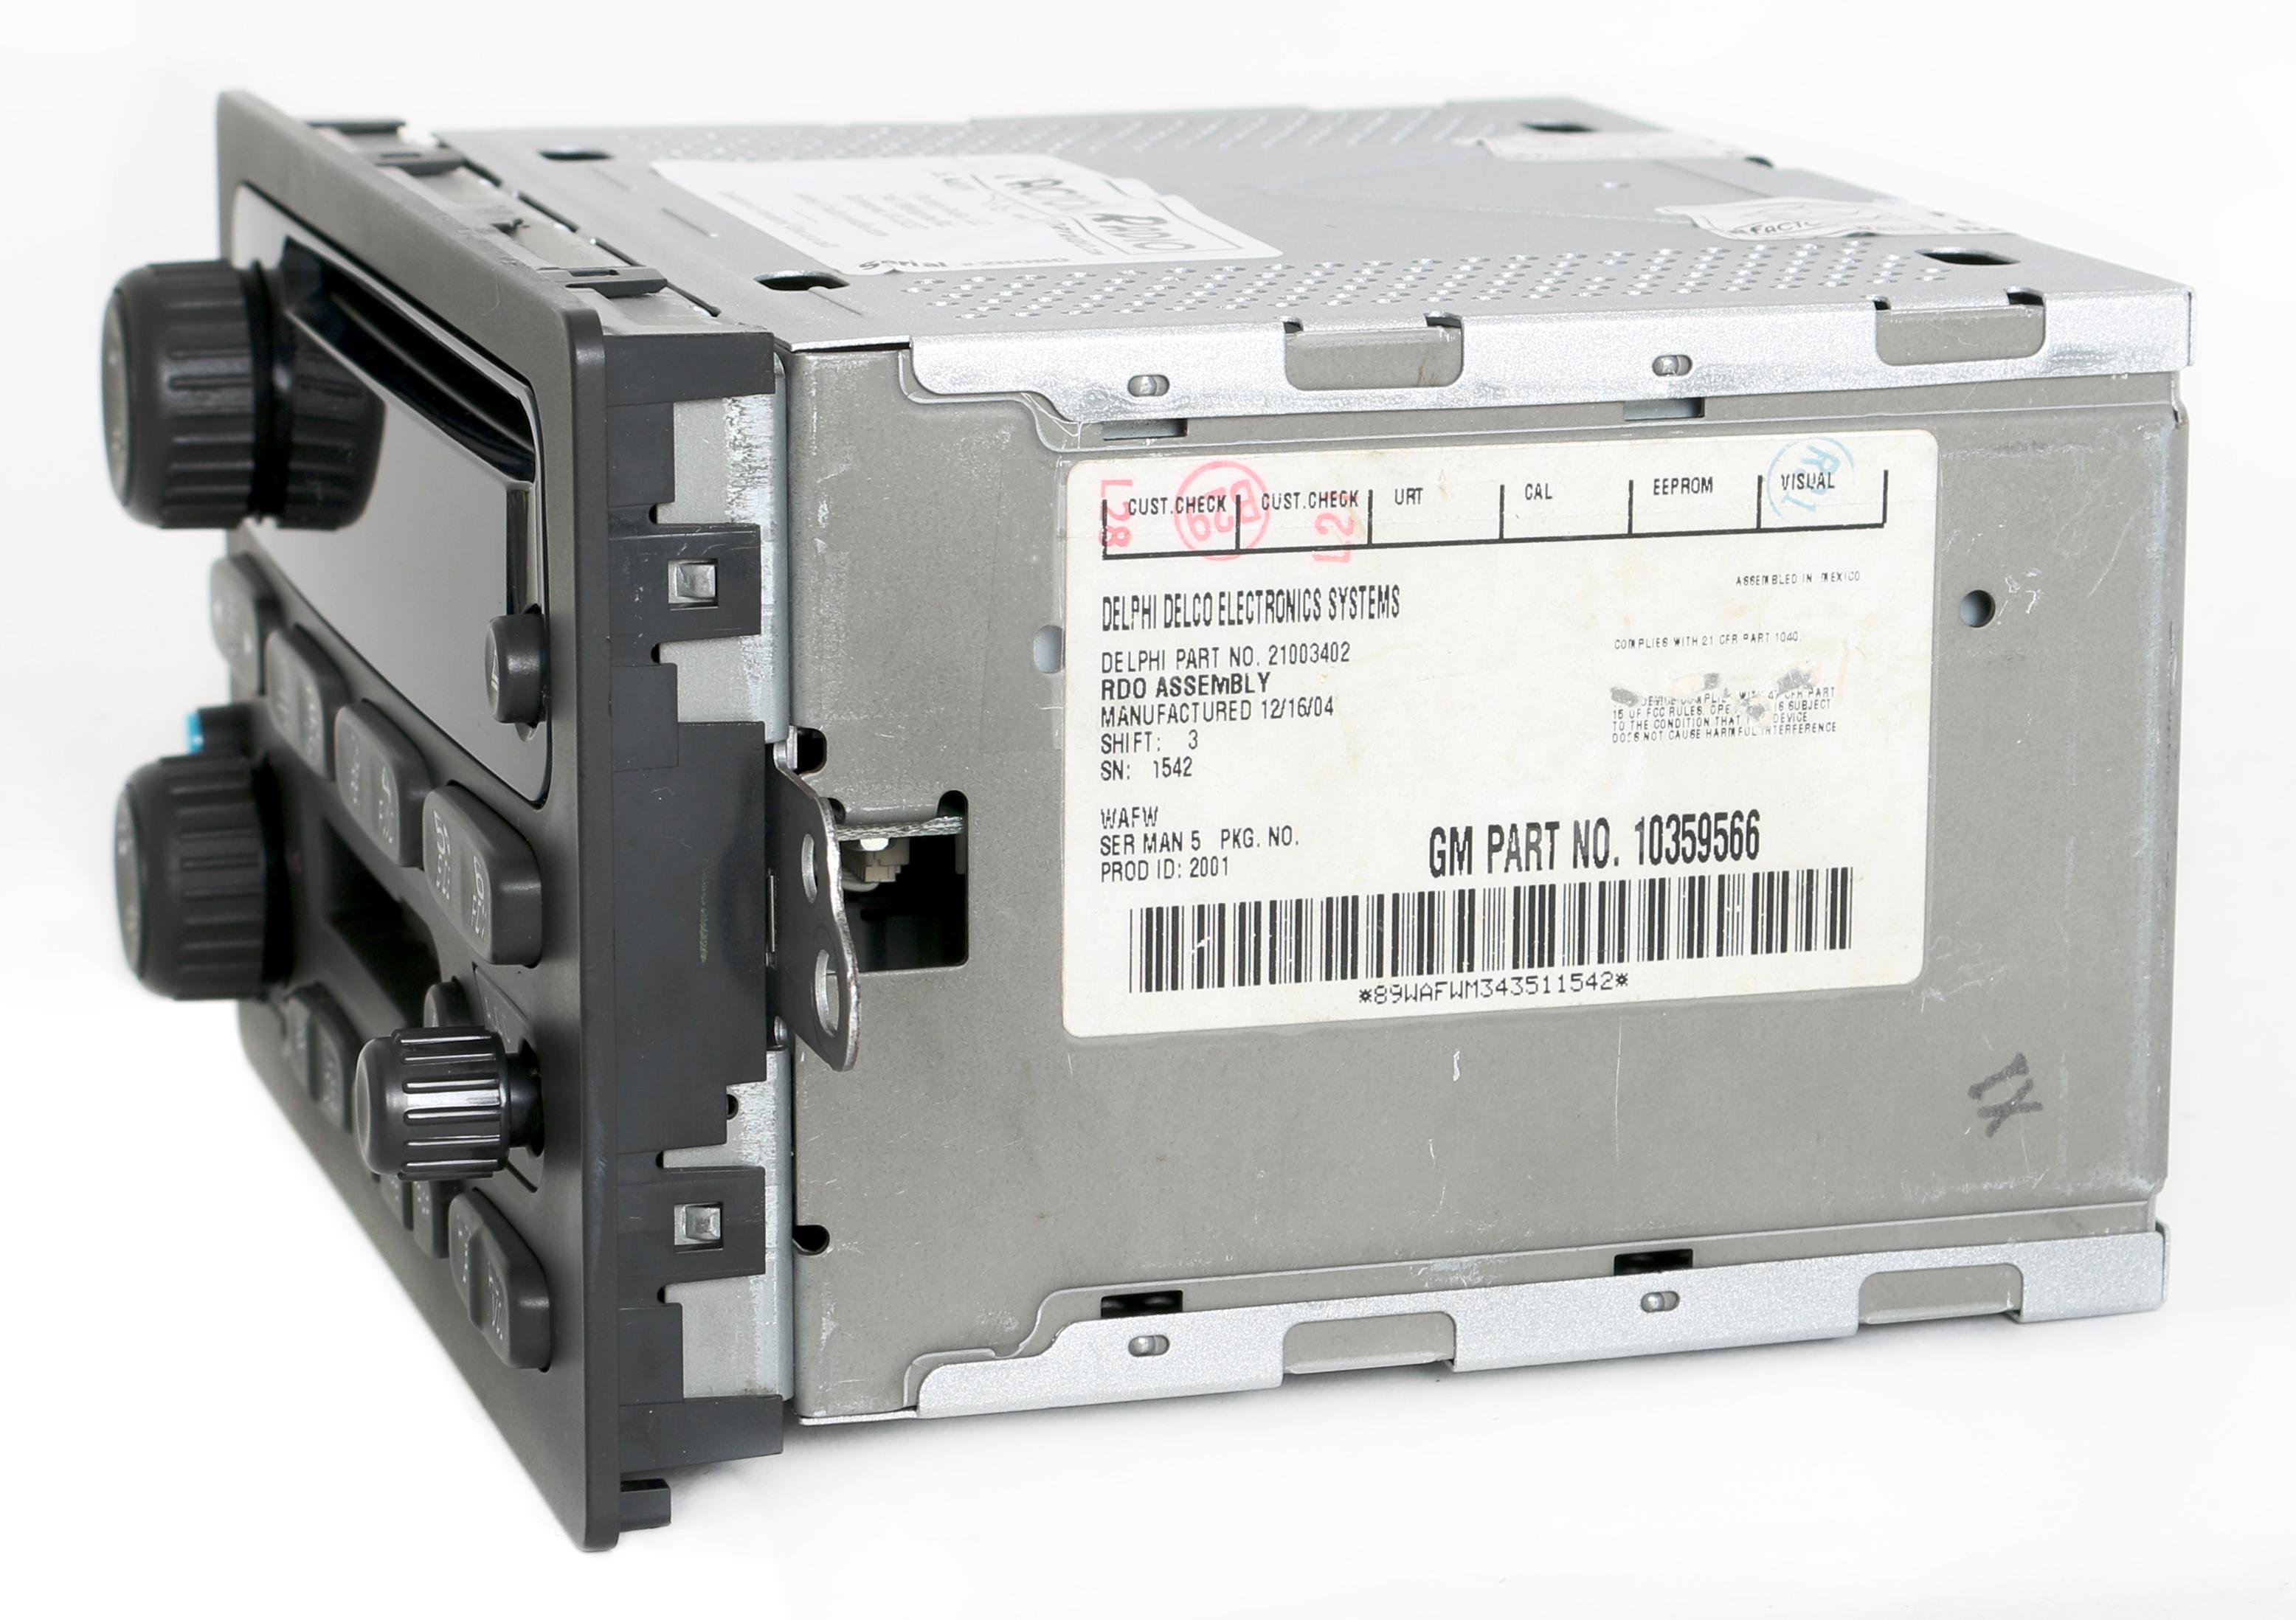 Gemütlich Delphi Radio Schaltplan Ac Bilder - Elektrische Schaltplan ...